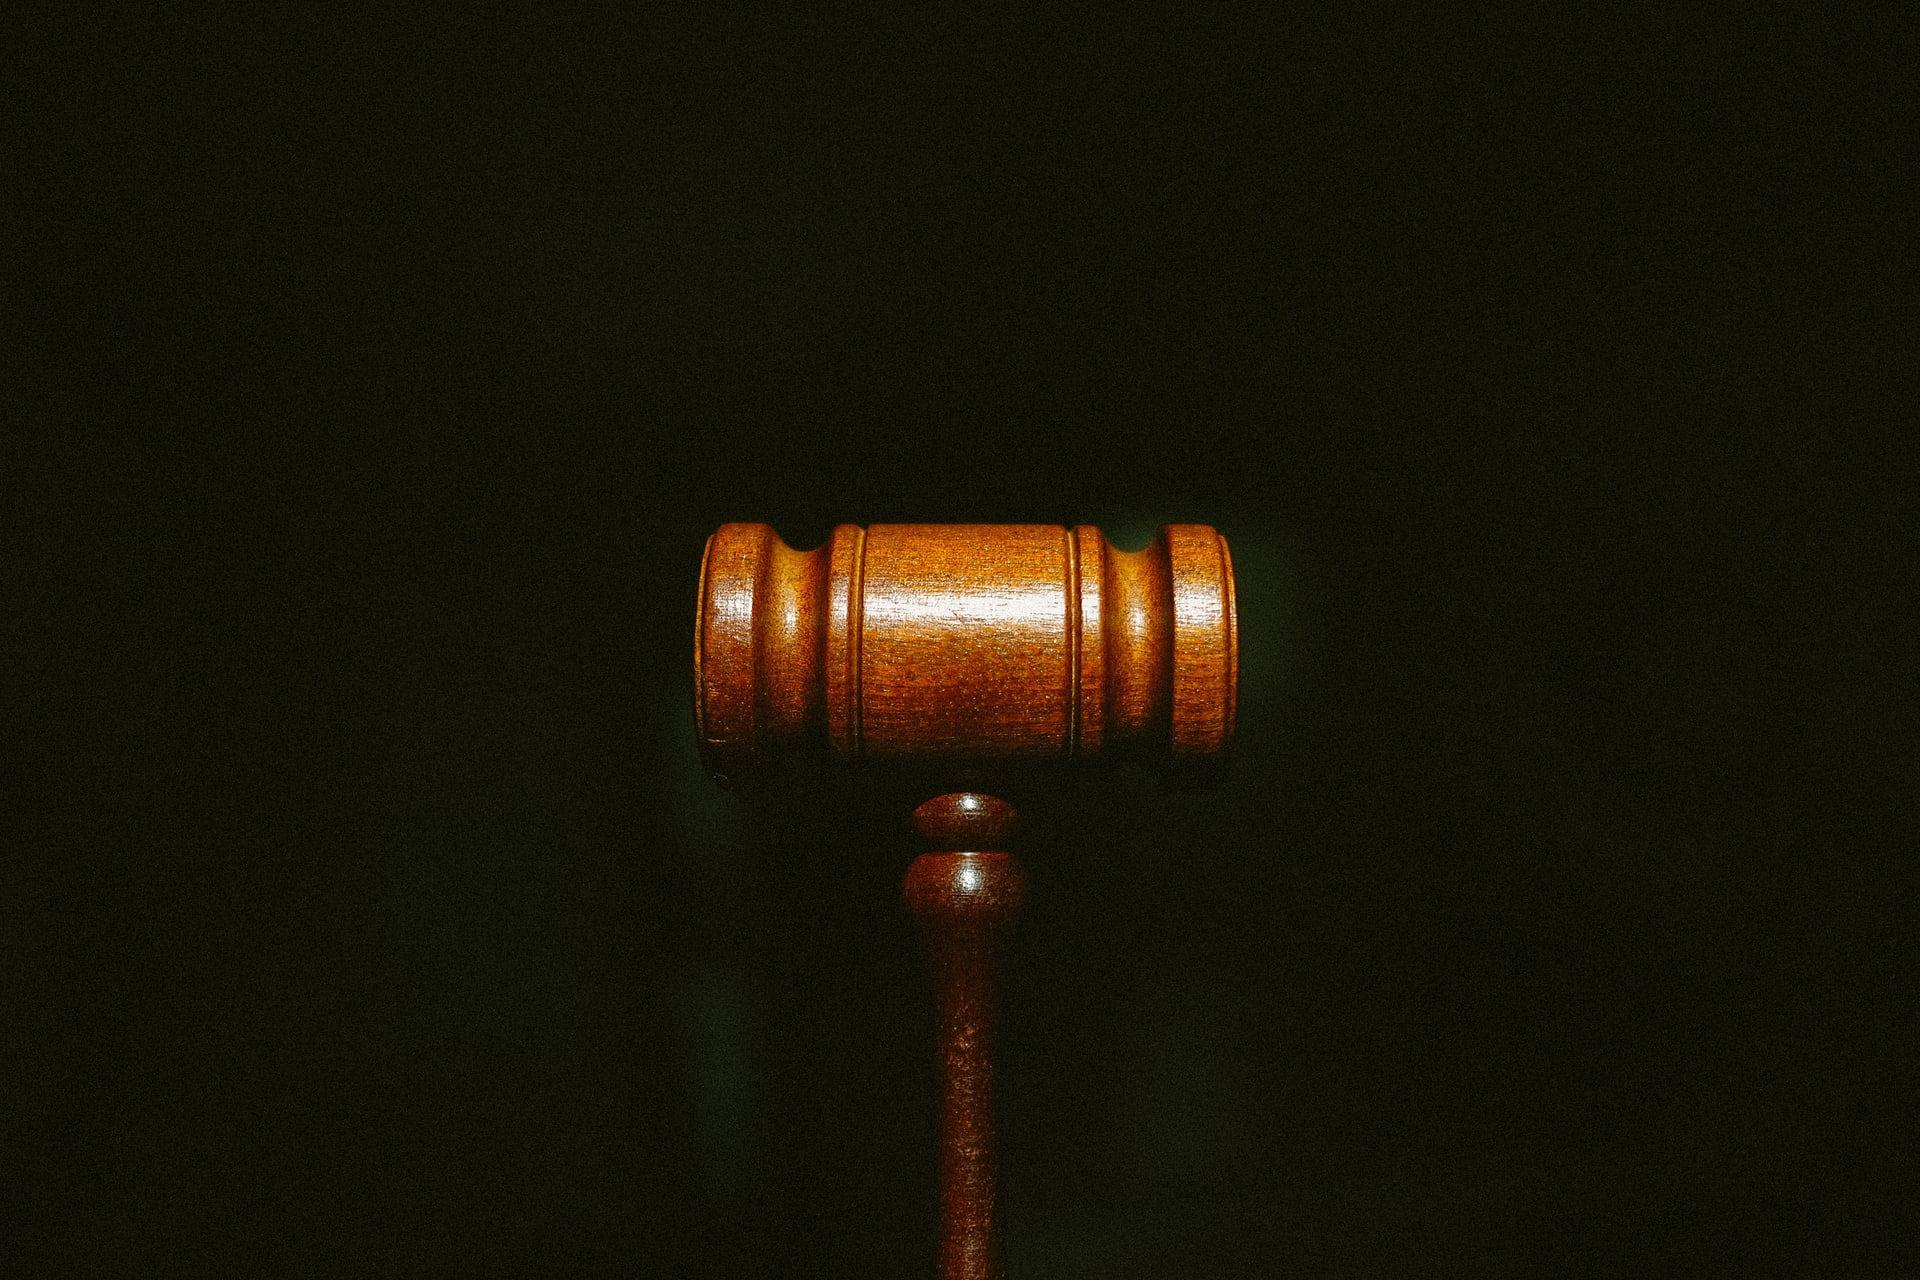 tingey injury law firm nSpj Z12lX0 unsplash Tamil News Spot